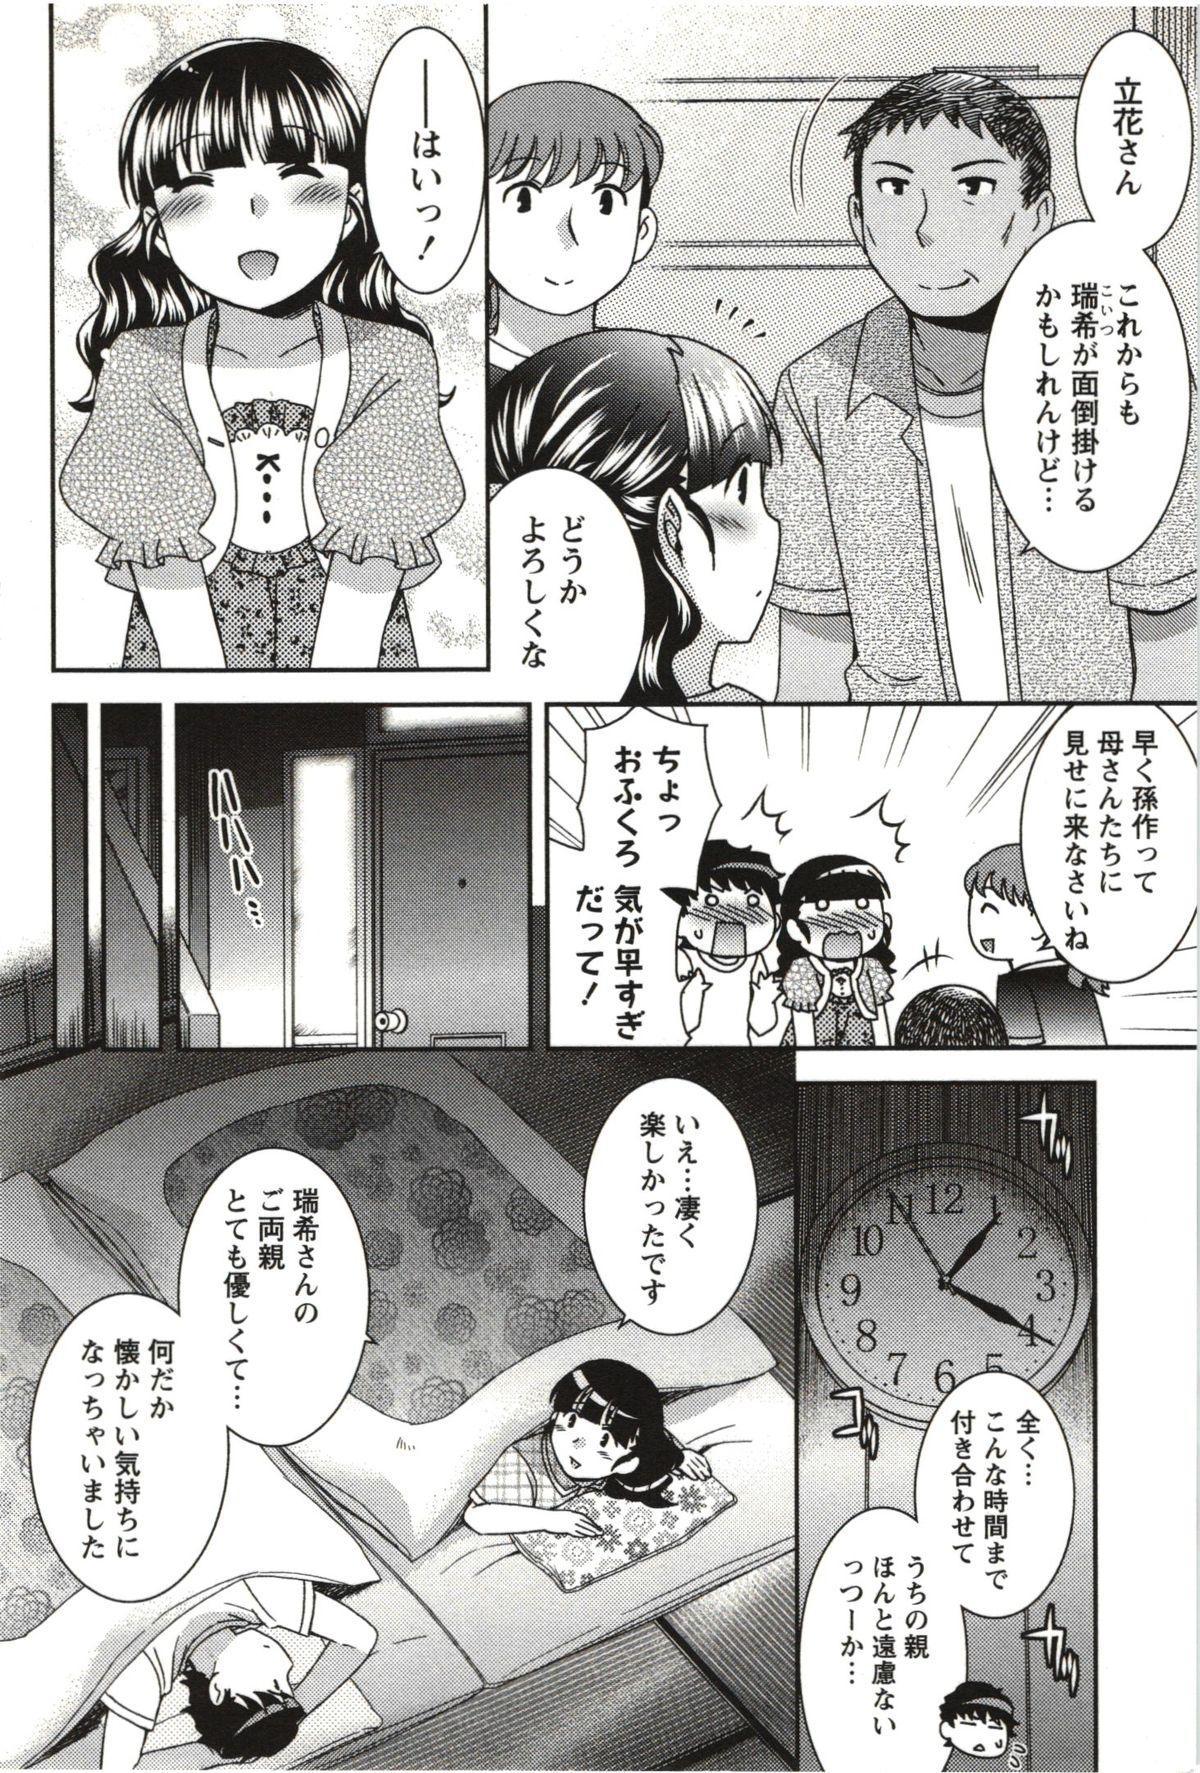 Tsutsujisou no ■■ na Hitobito 180